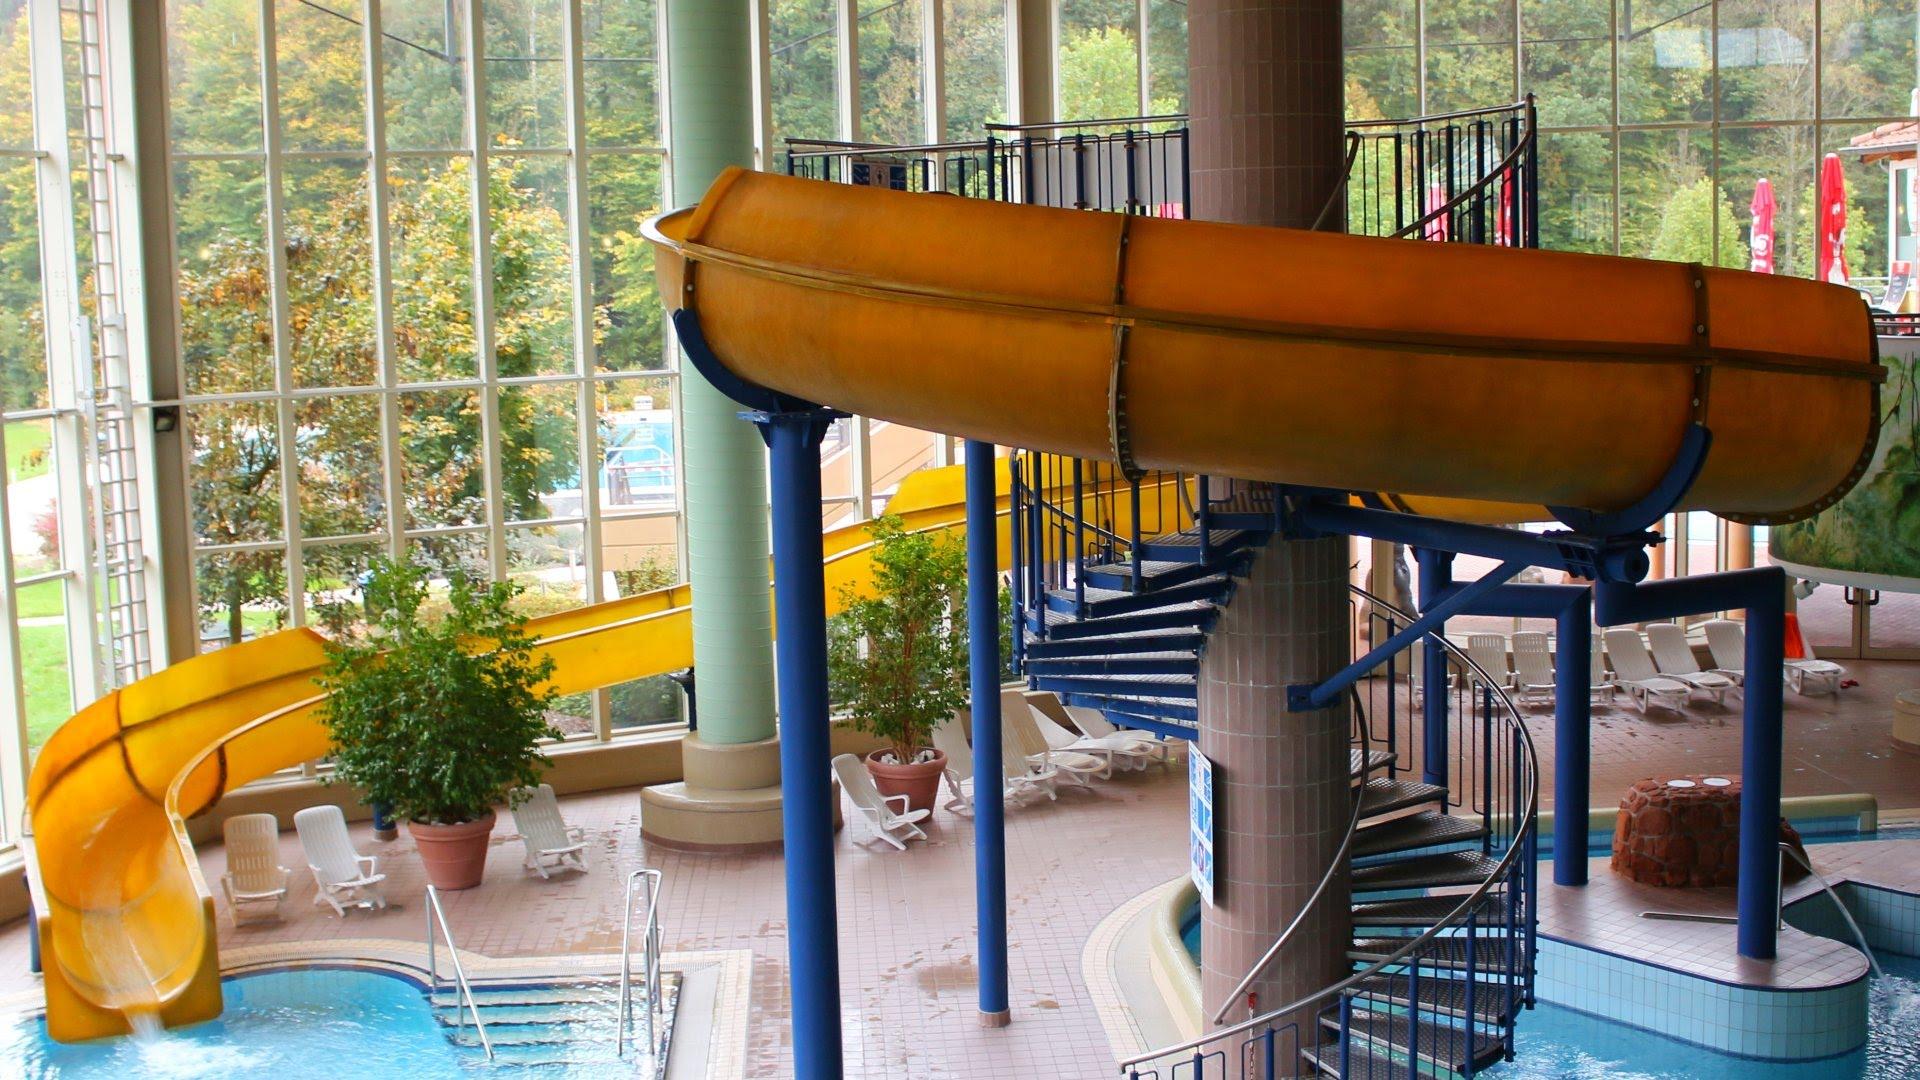 gelbe Riesenrutsche :: Yellow Indoor Slide   Felsland Badeparadies Dahn